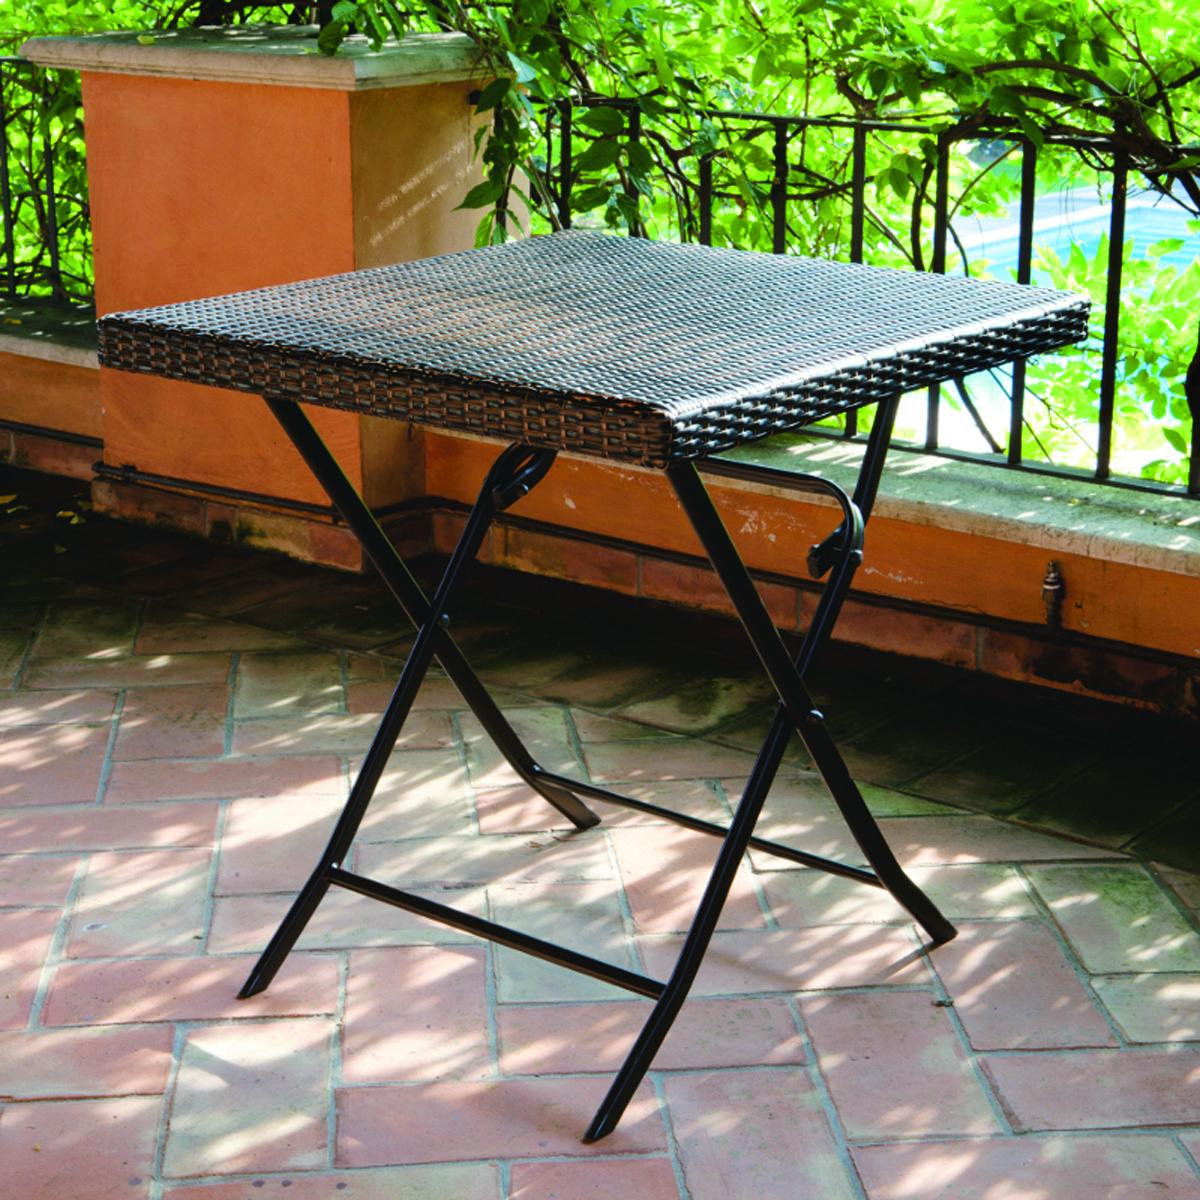 Tavoli con sedie plastificati con rattan - Tavoli esterno leroy merlin ...